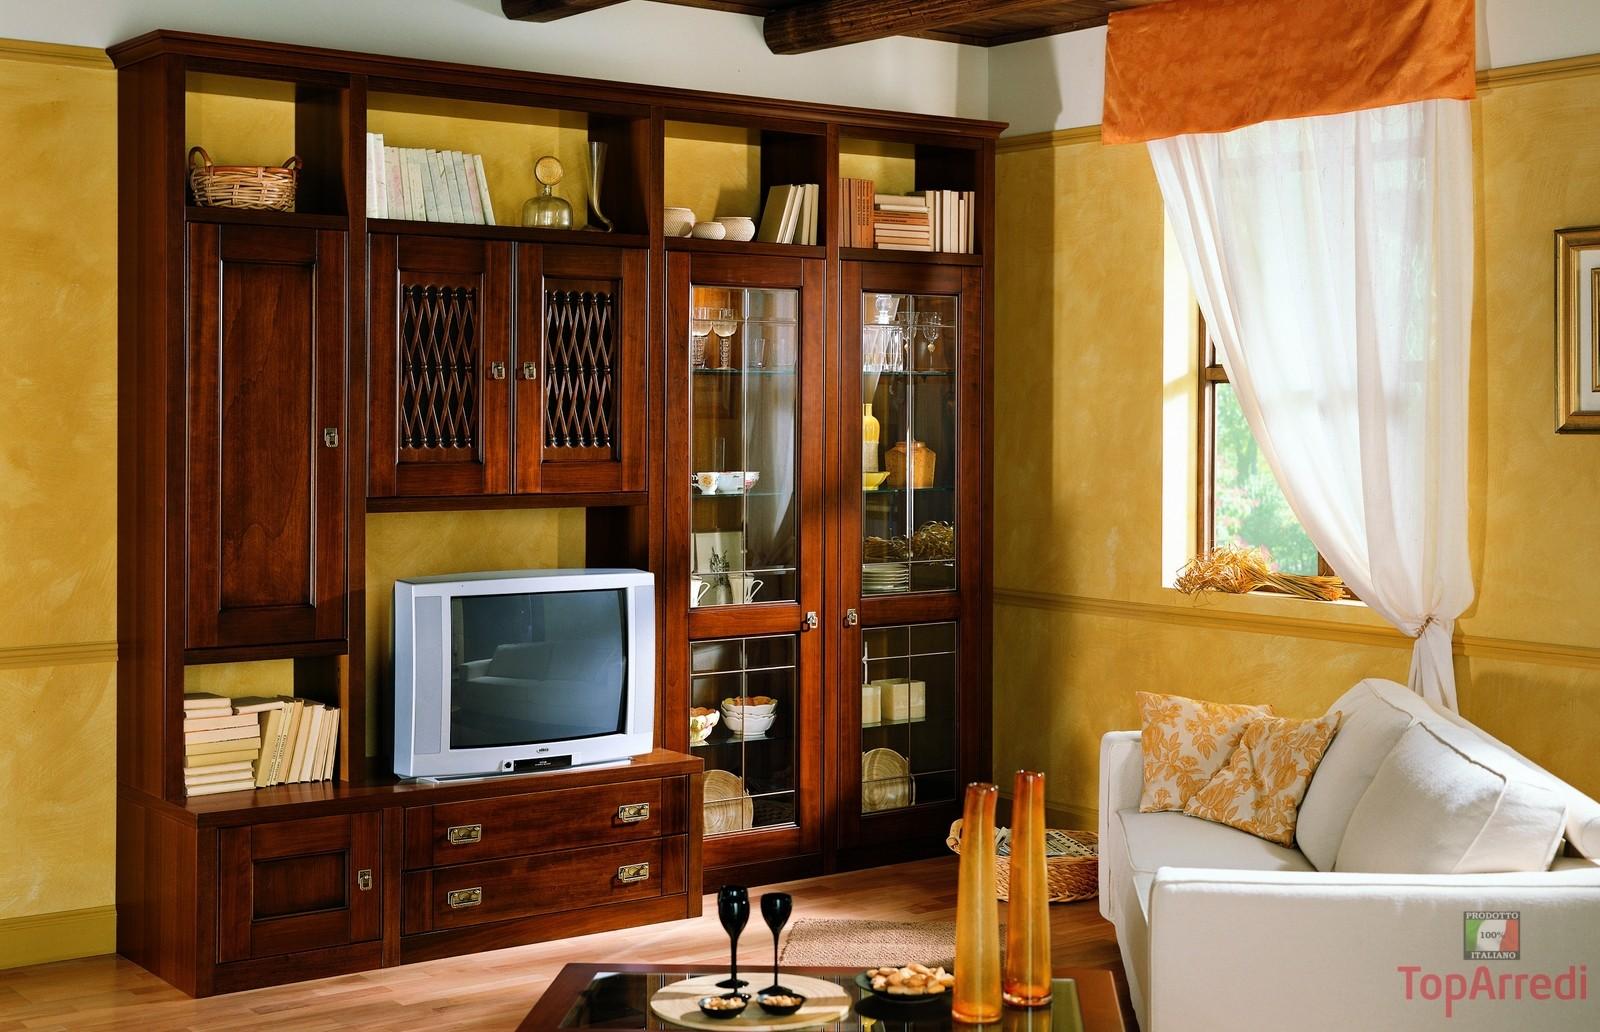 Arredamento e mobili online: Tre consigli utili per ...